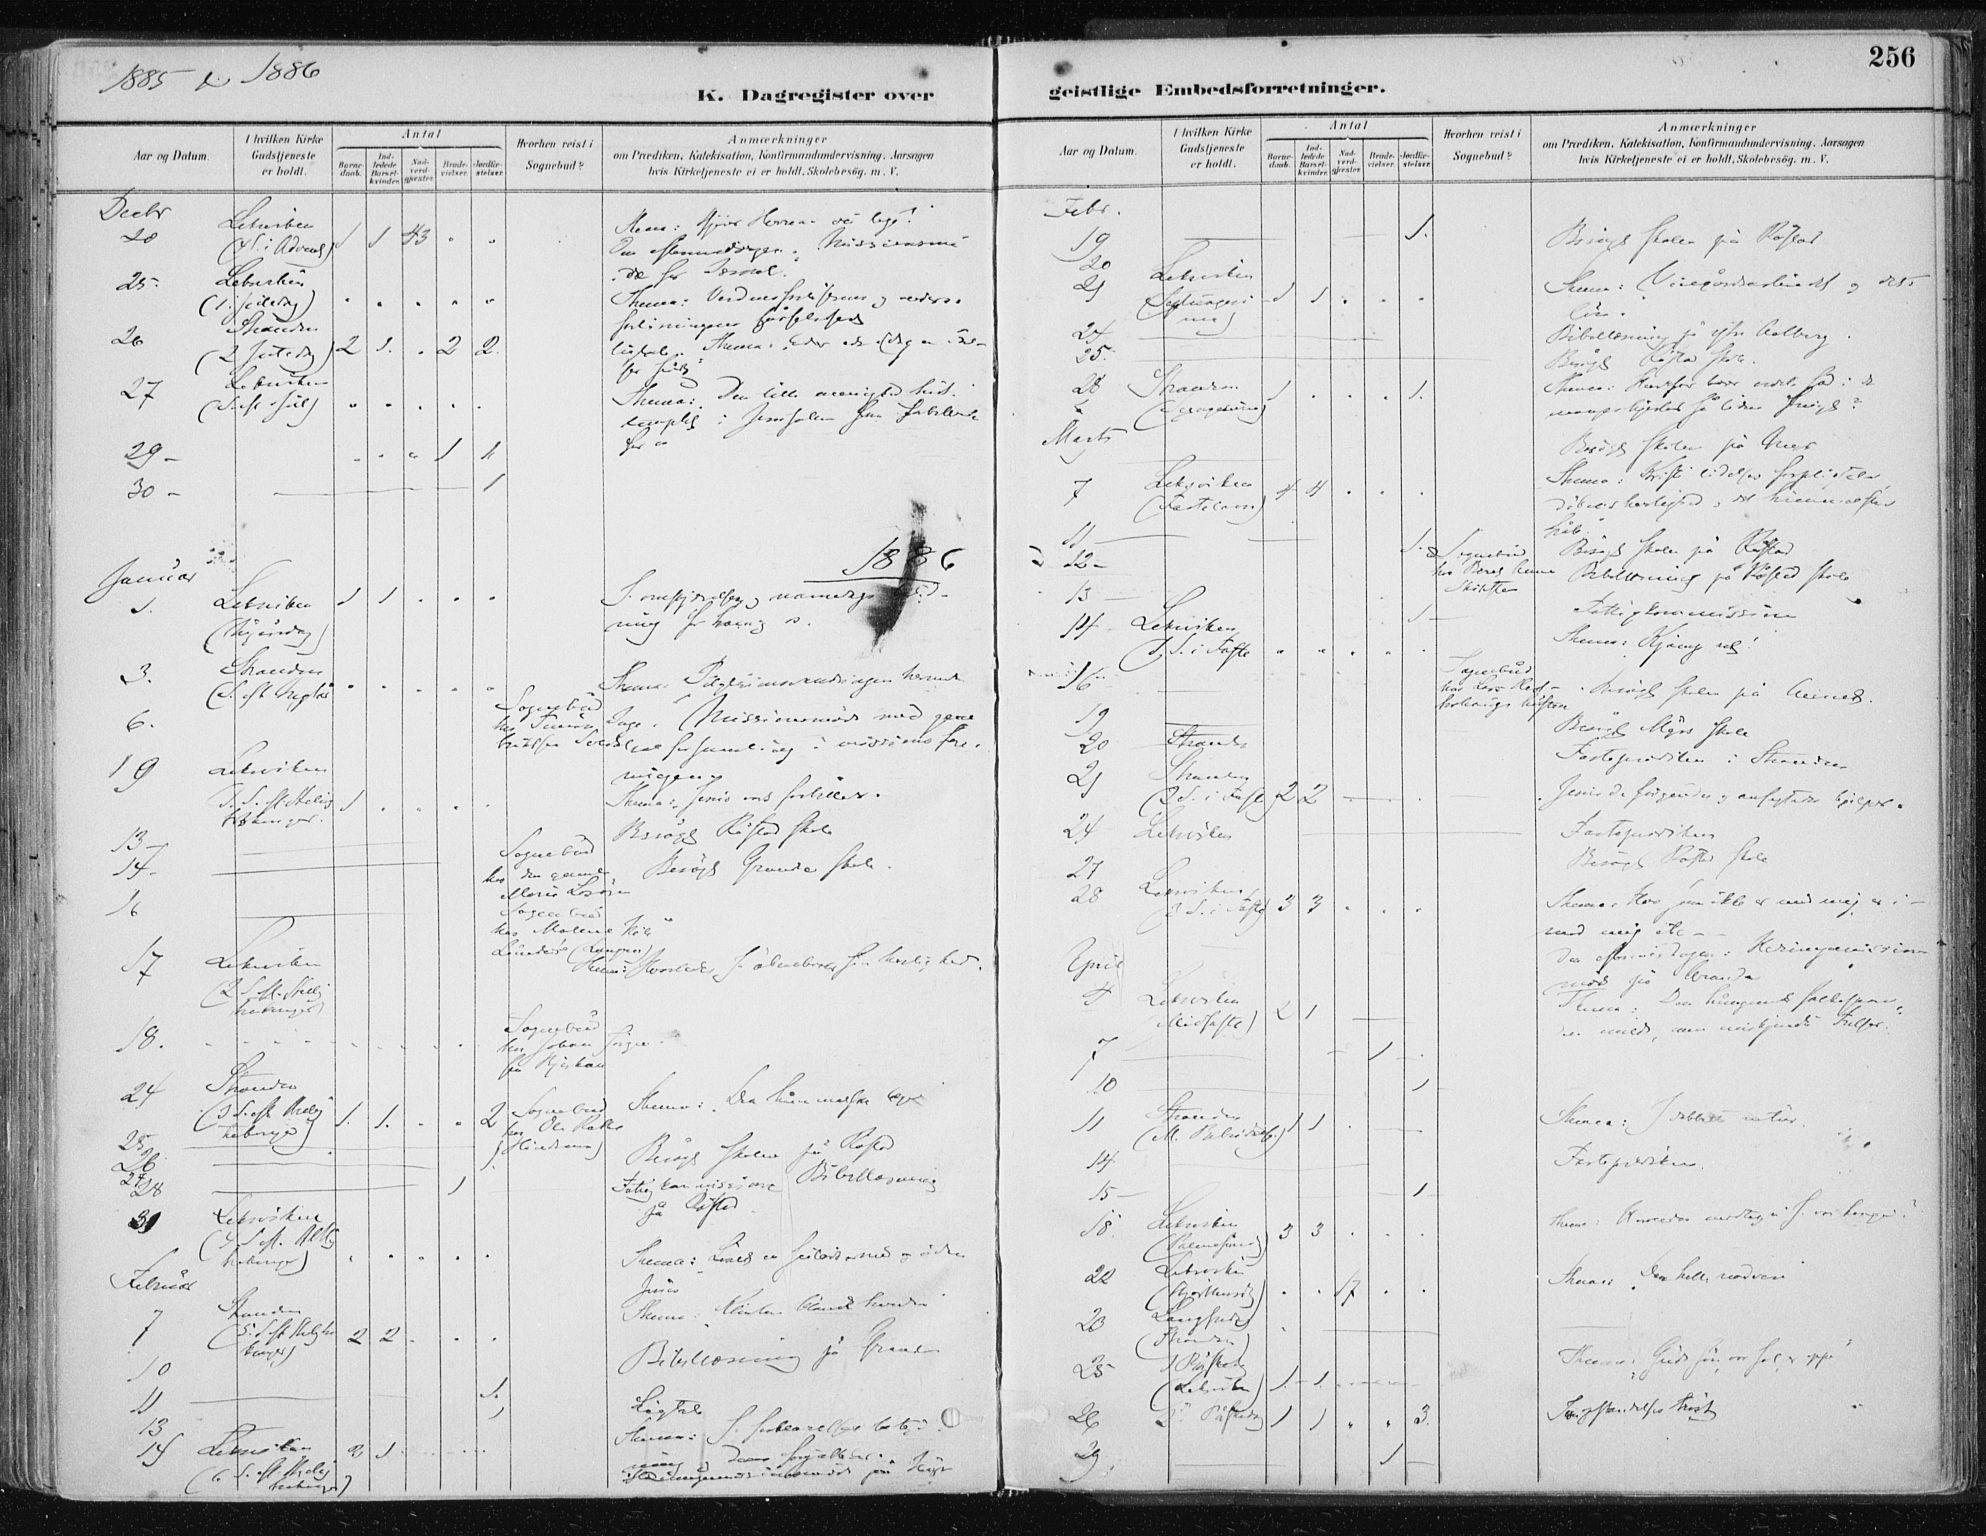 SAT, Ministerialprotokoller, klokkerbøker og fødselsregistre - Nord-Trøndelag, 701/L0010: Ministerialbok nr. 701A10, 1883-1899, s. 256